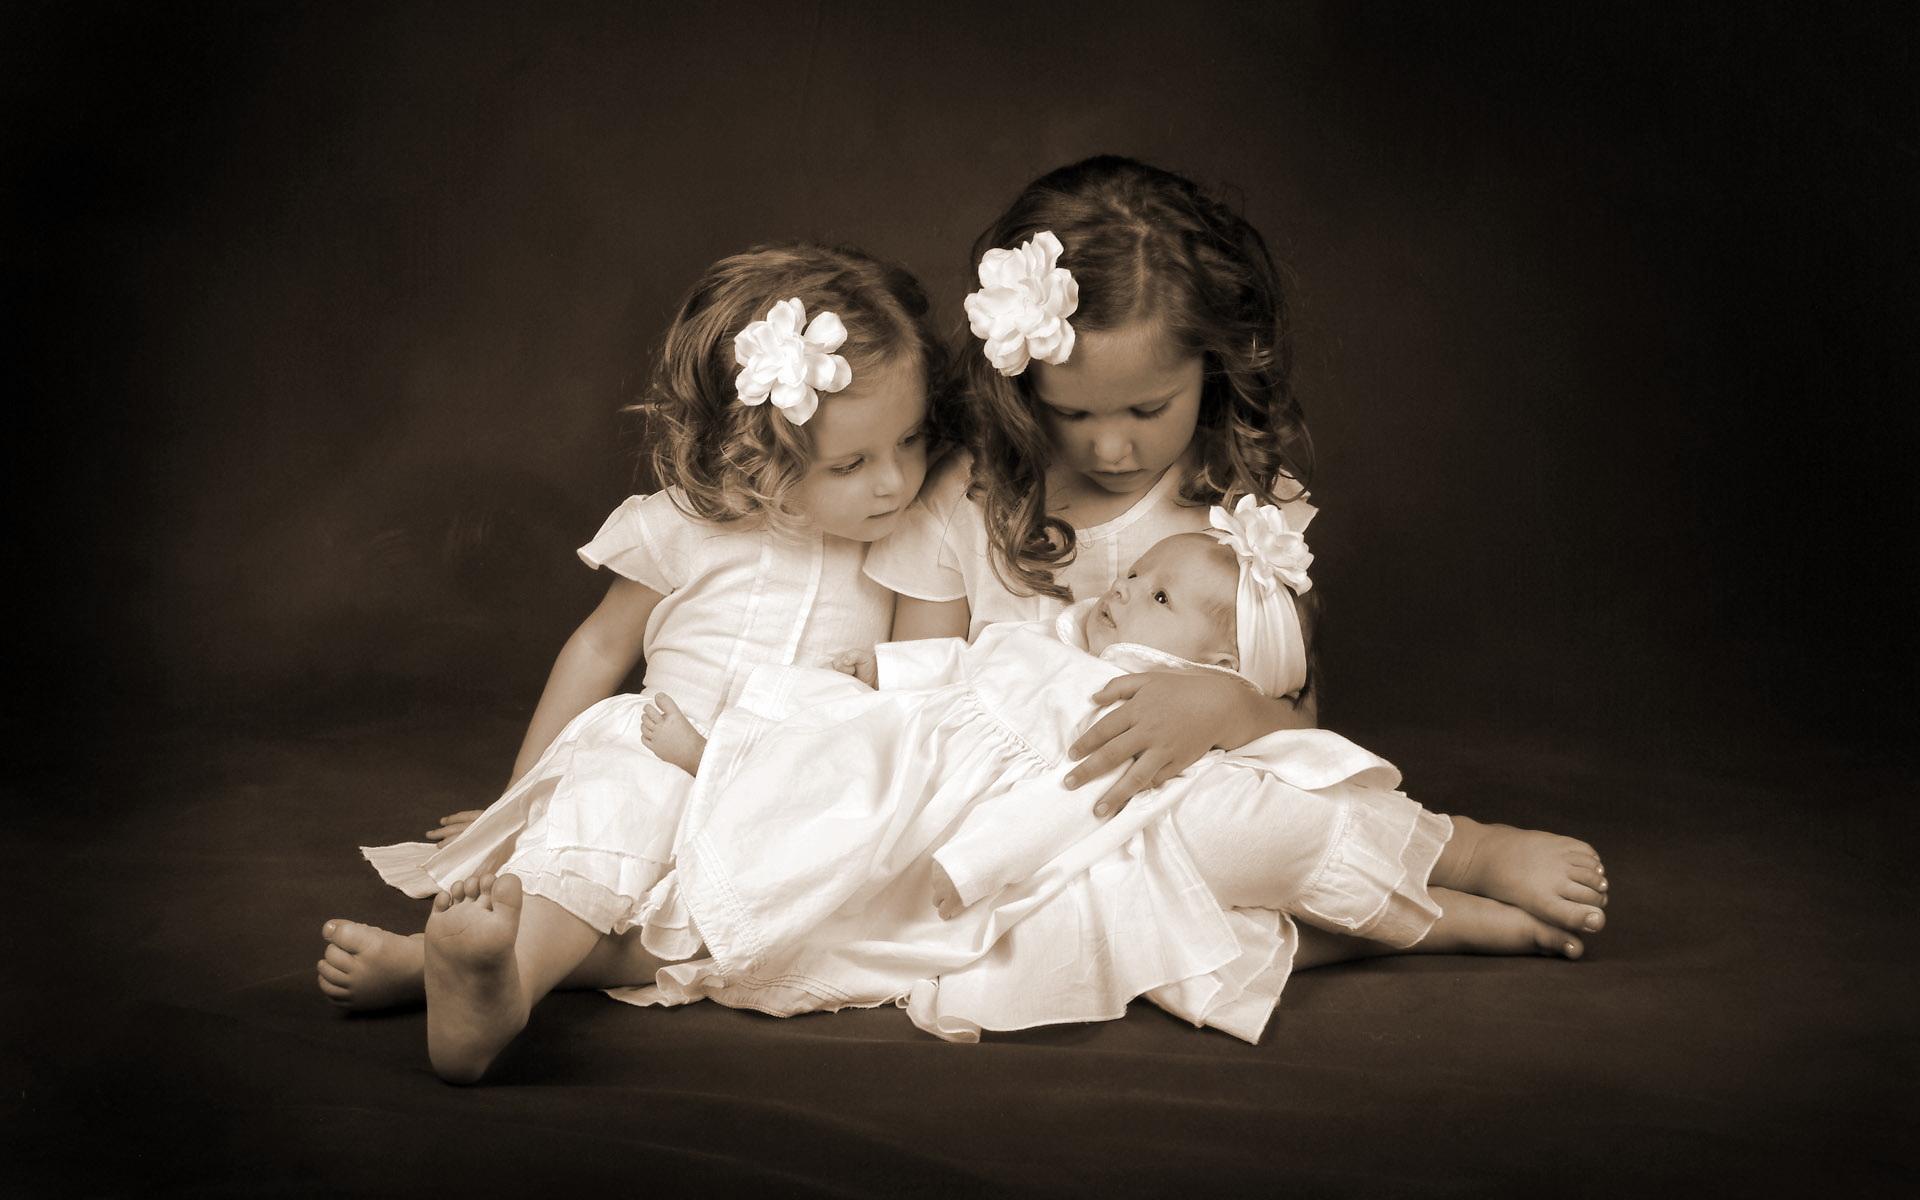 壁纸1920×1200人体艺术图片 婴儿 壁纸9壁纸 人体艺术图片(婴儿)壁纸图片系统壁纸系统图片素材桌面壁纸